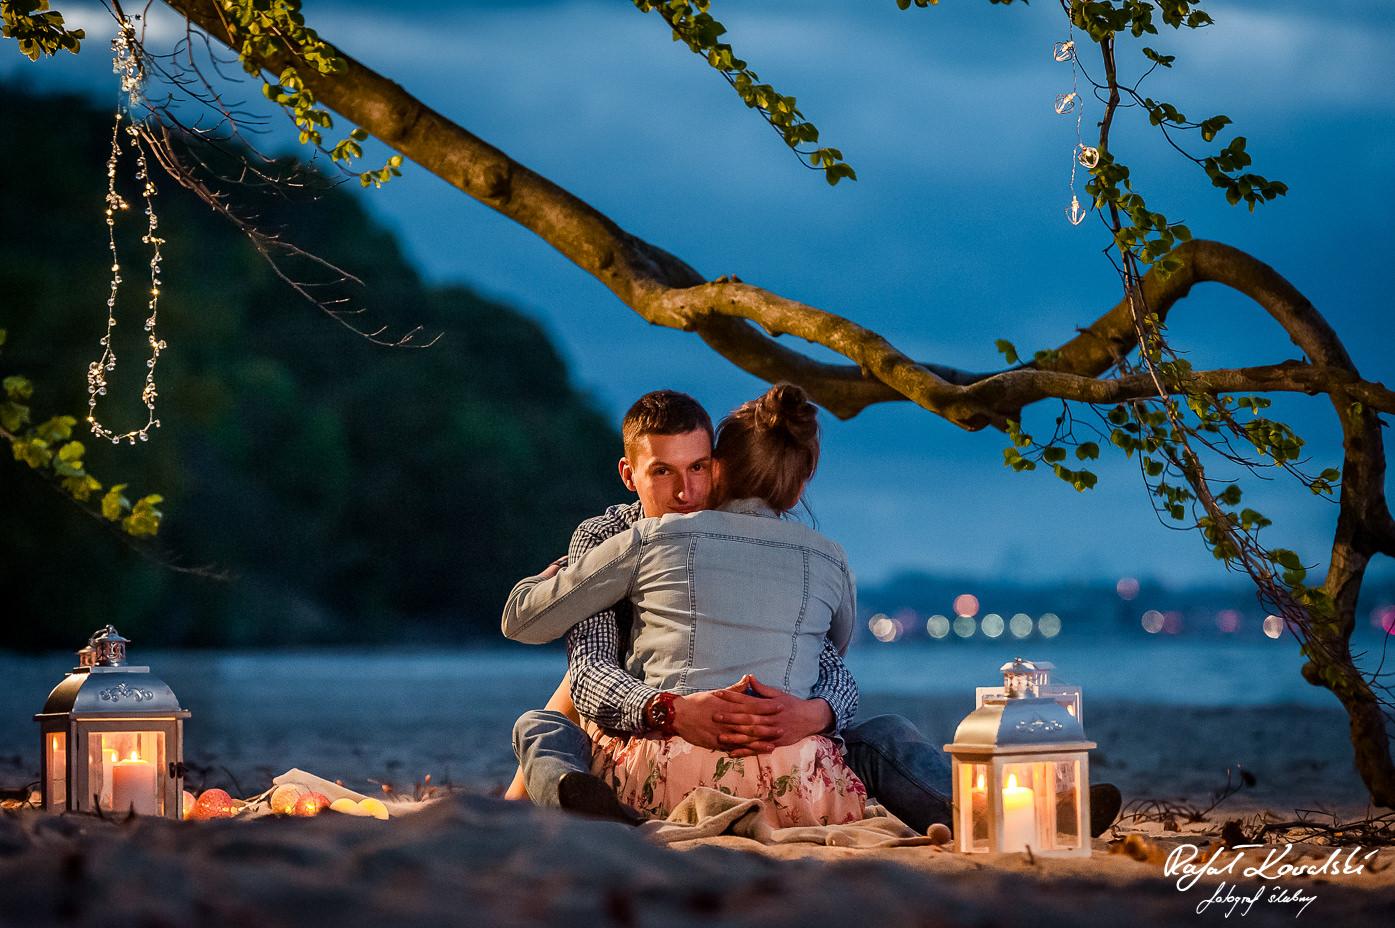 światła Gdyni w tle na zdjęciu z sesji narzeczeńskiej na plaży